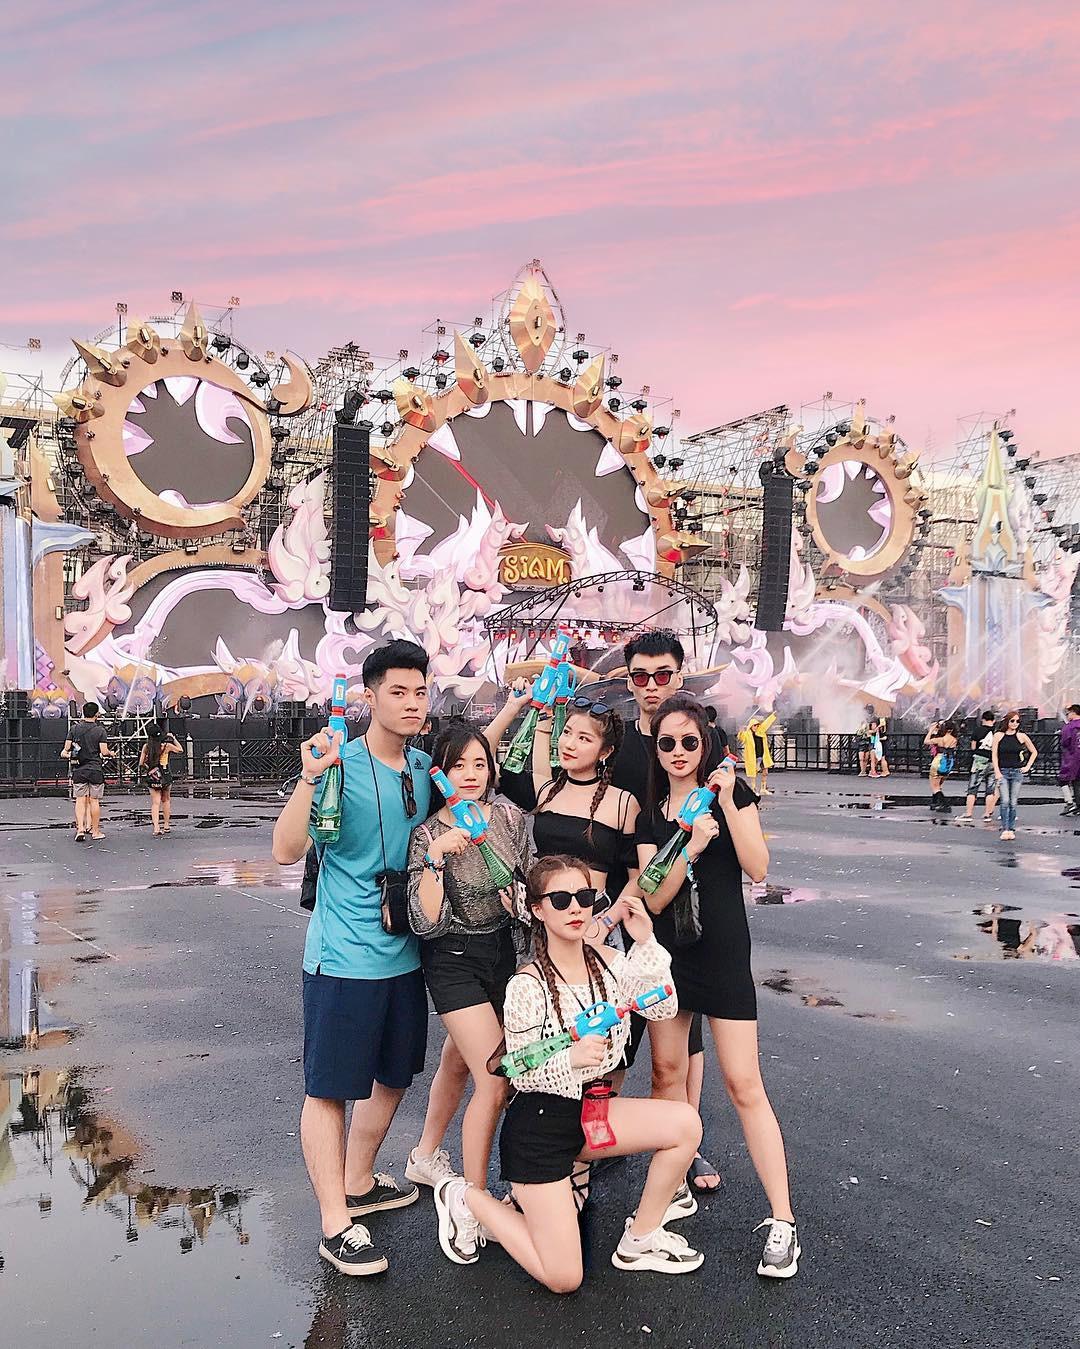 Dàn trai xinh gái đẹp hội tụ ở Songkran, nhìn thôi cũng biết lễ hội hot cỡ nào - Ảnh 5.